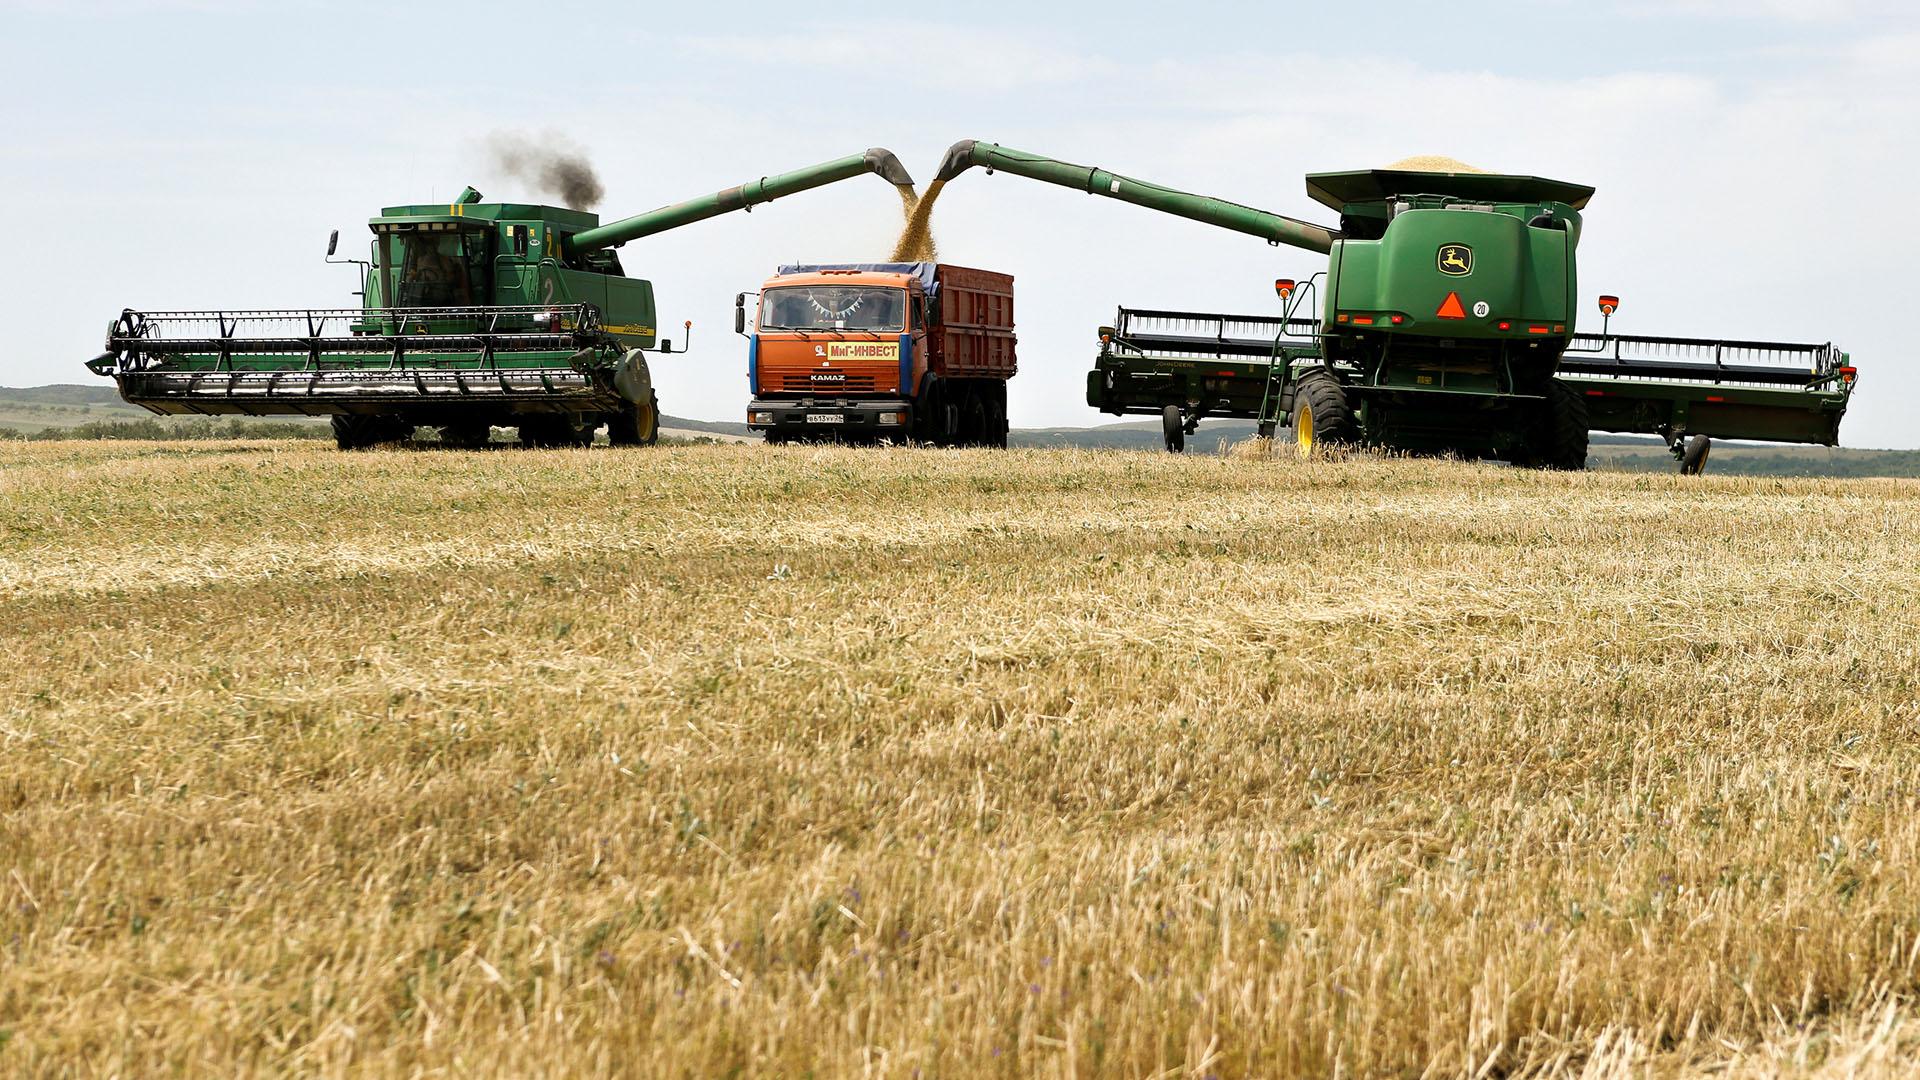 Картинка комбайн убирает пшеницу